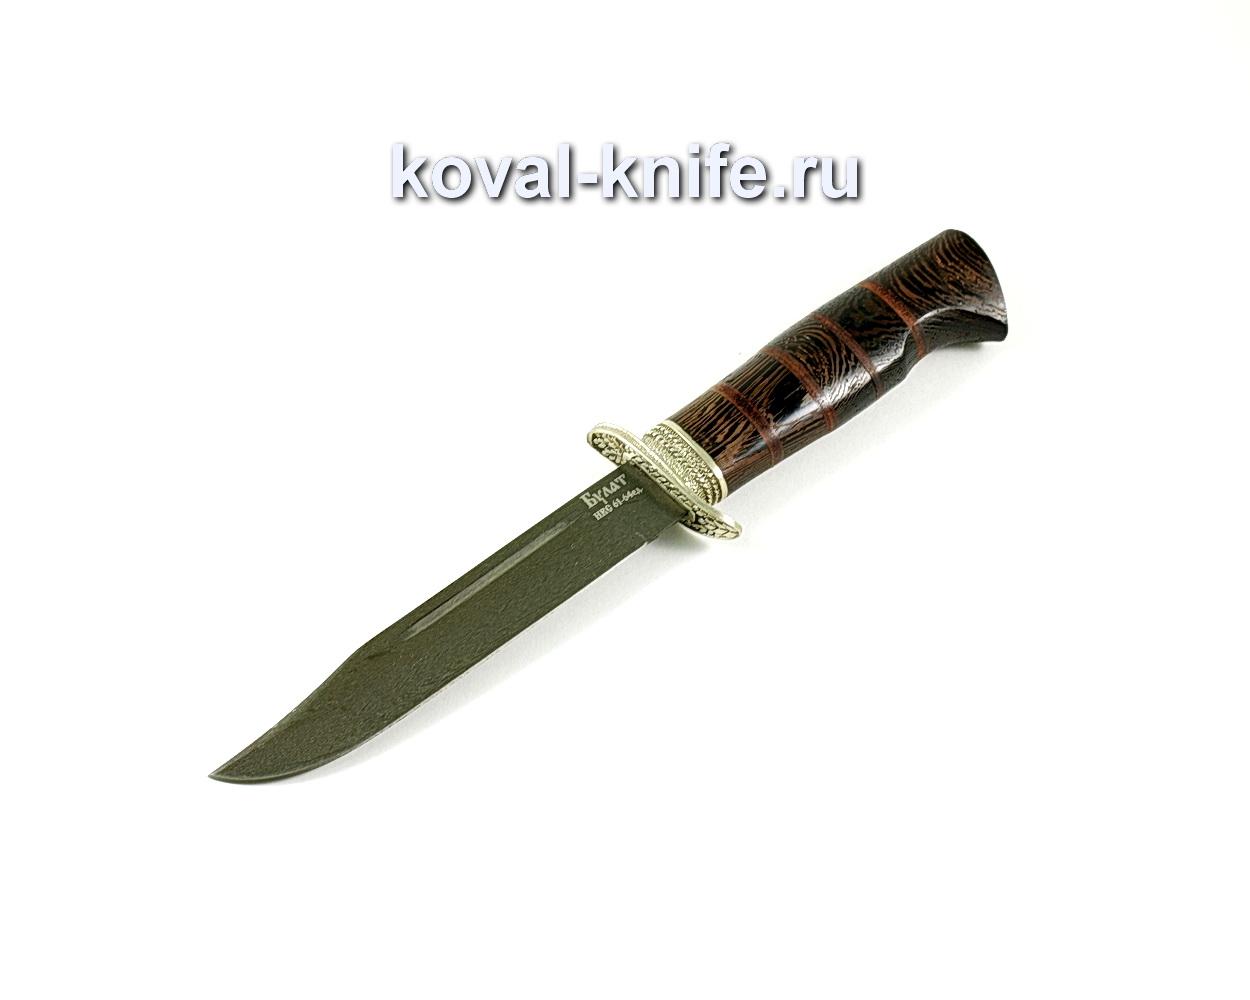 Нож Штрафбат (сталь Булат) рукоять венге, литье A194